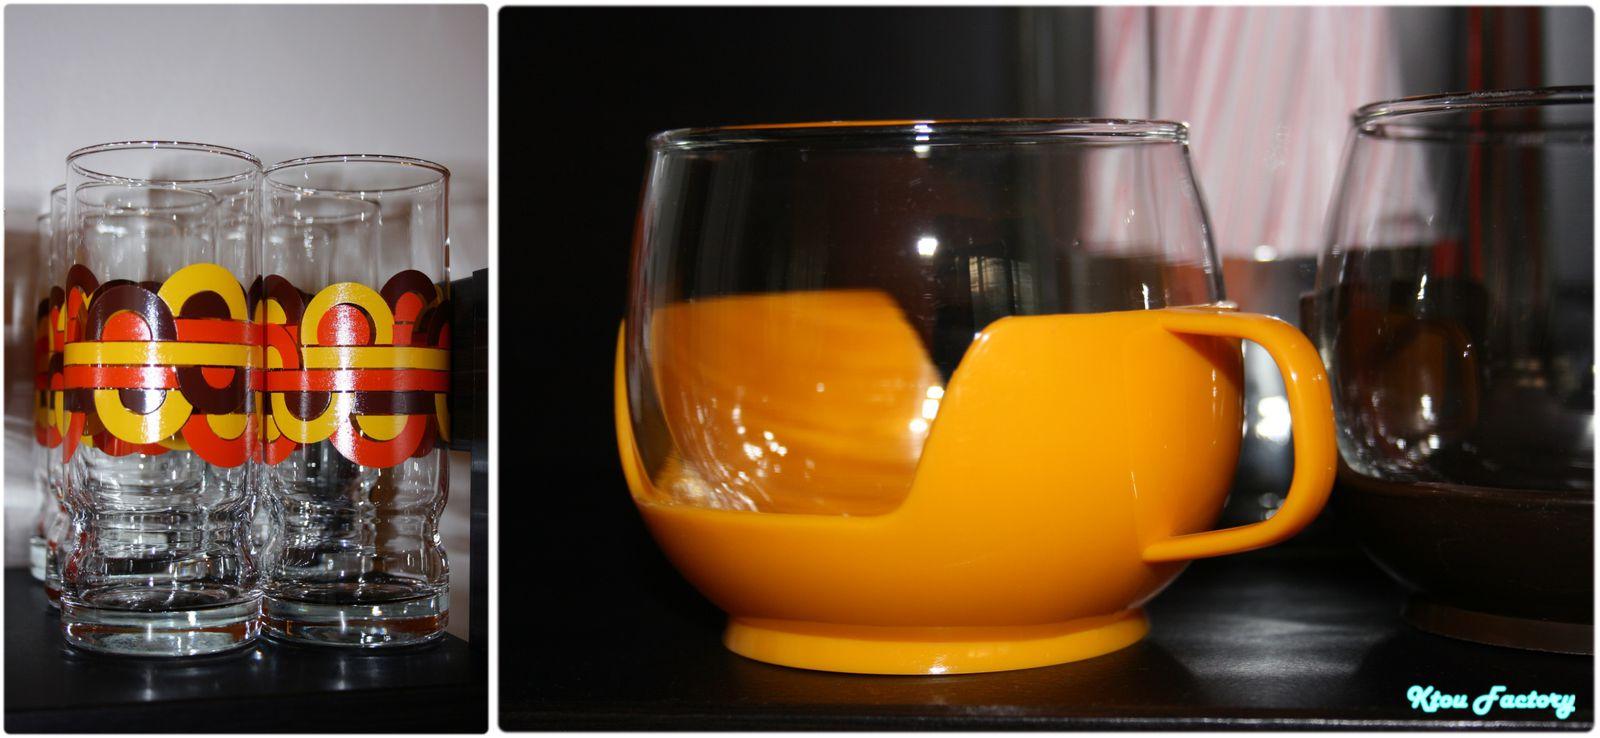 Des verres, des tasses en pagaille...